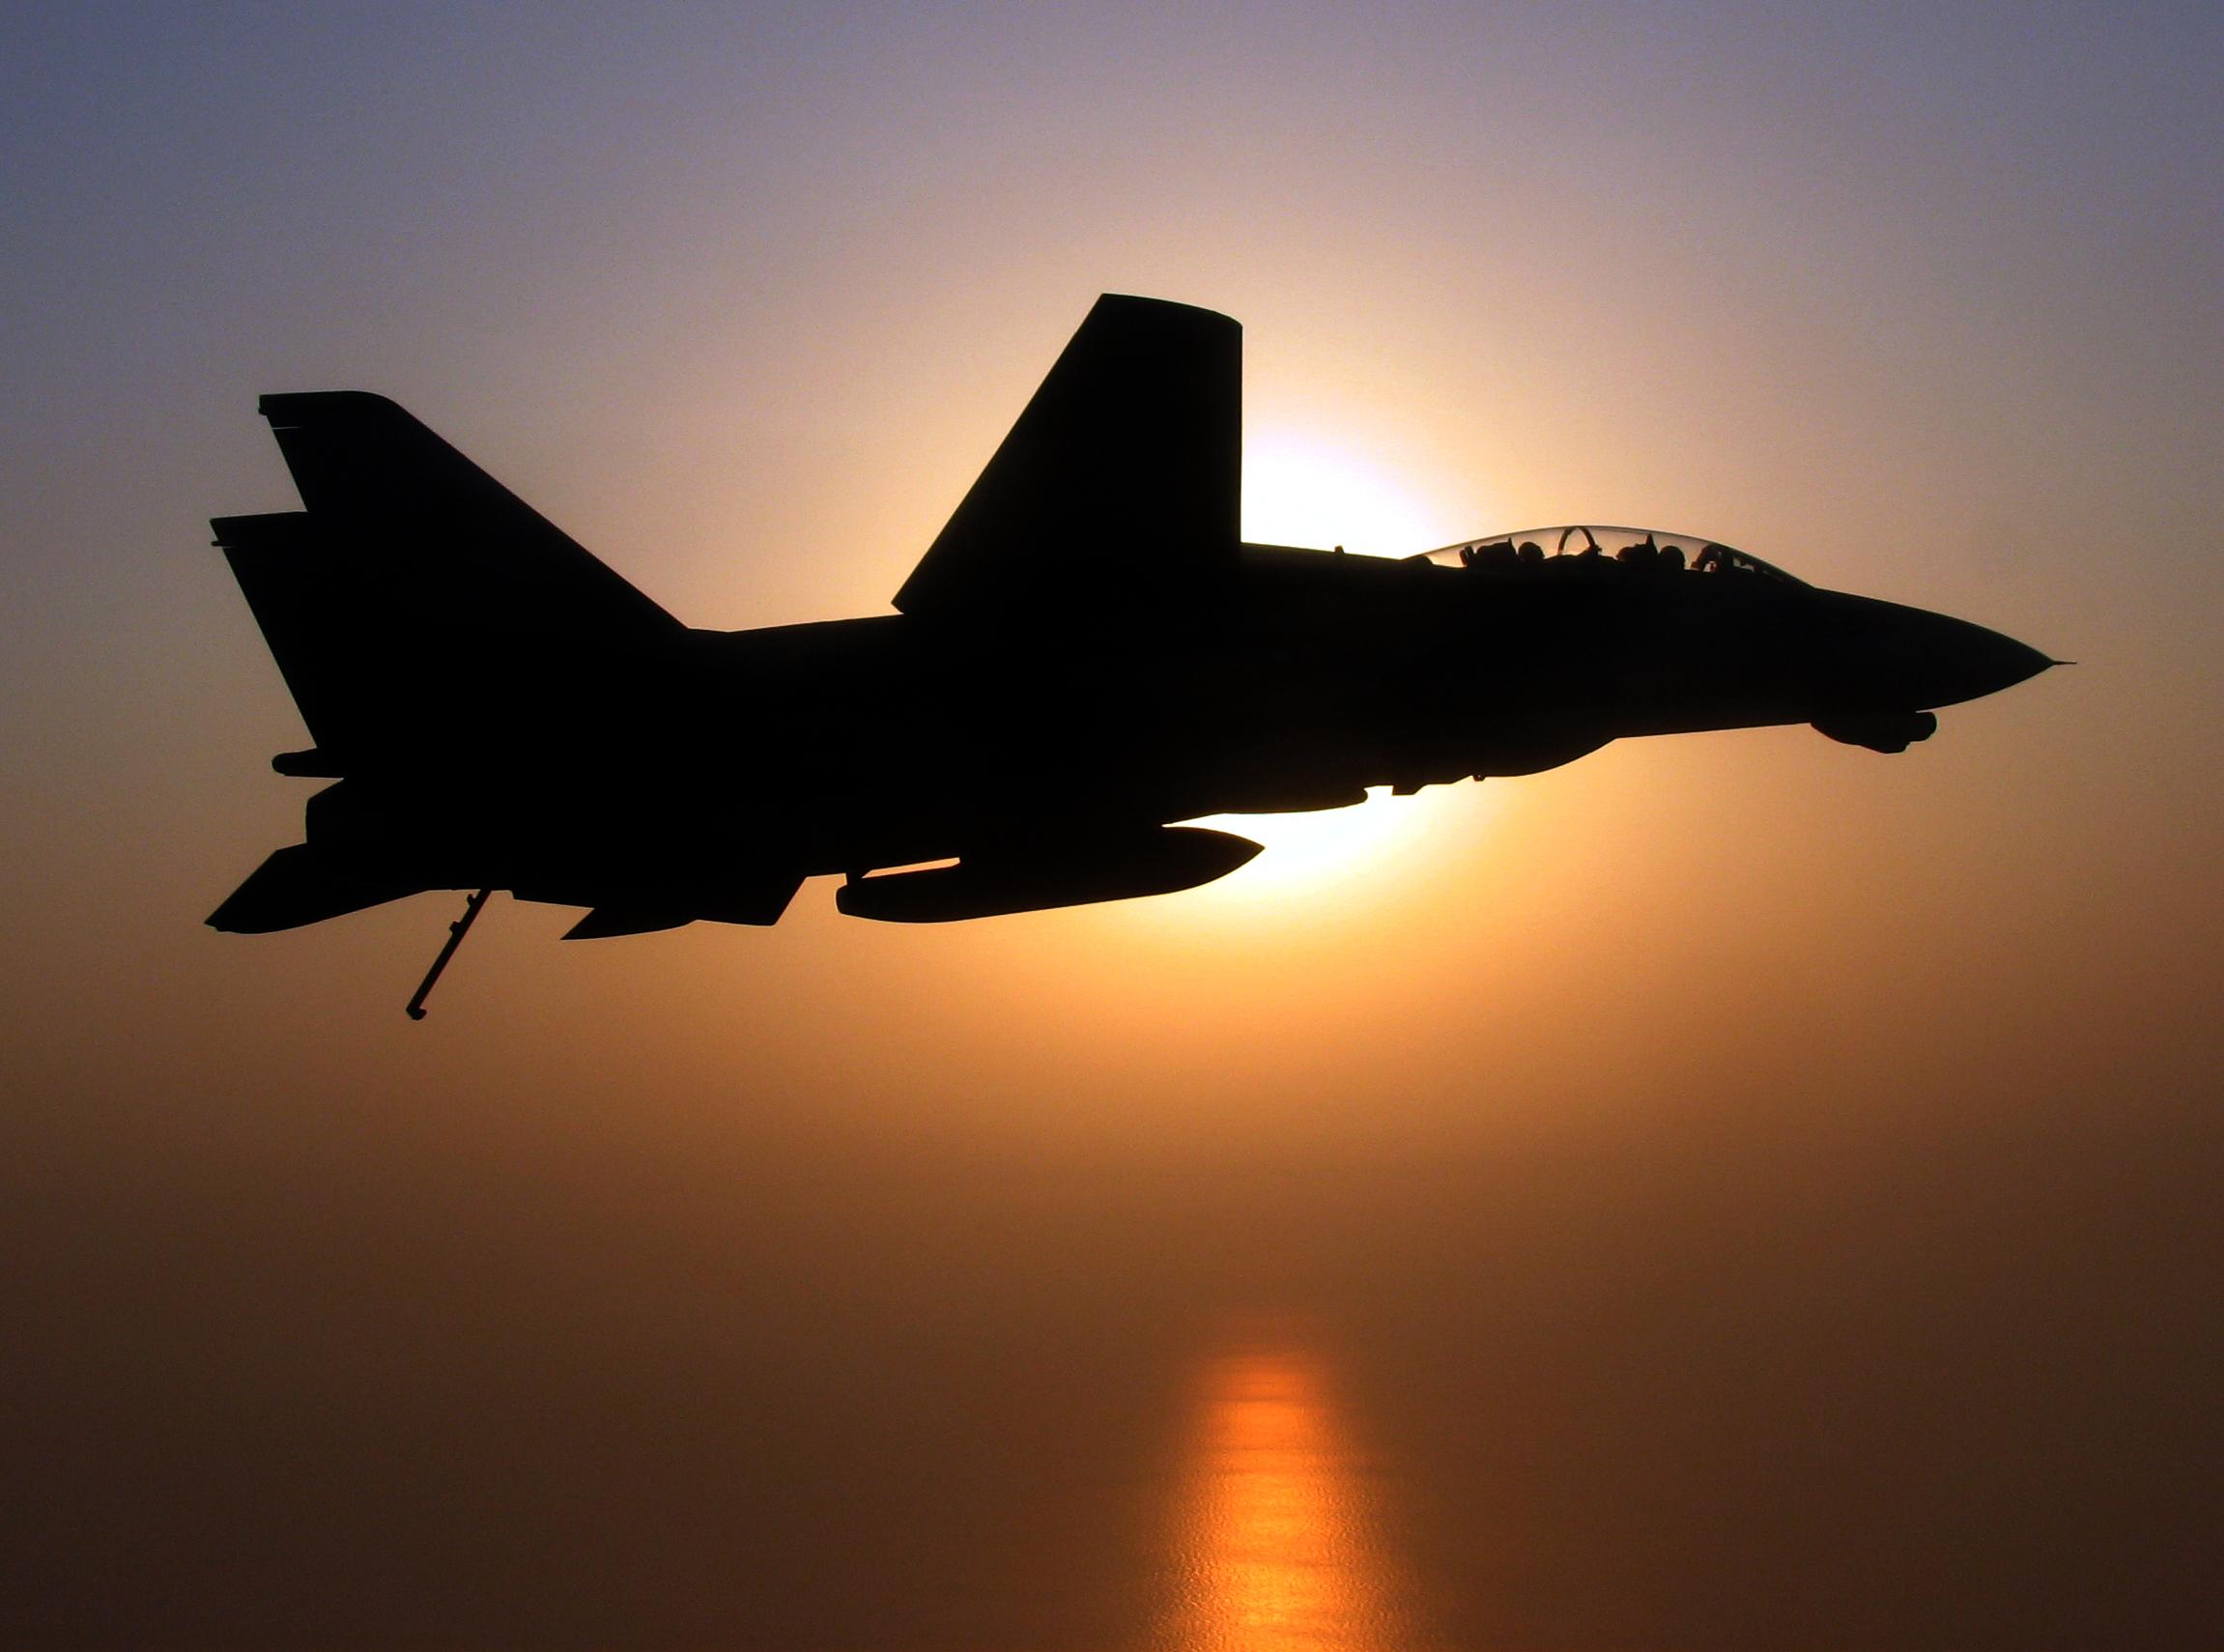 F 1 (航空機)の画像 p1_38